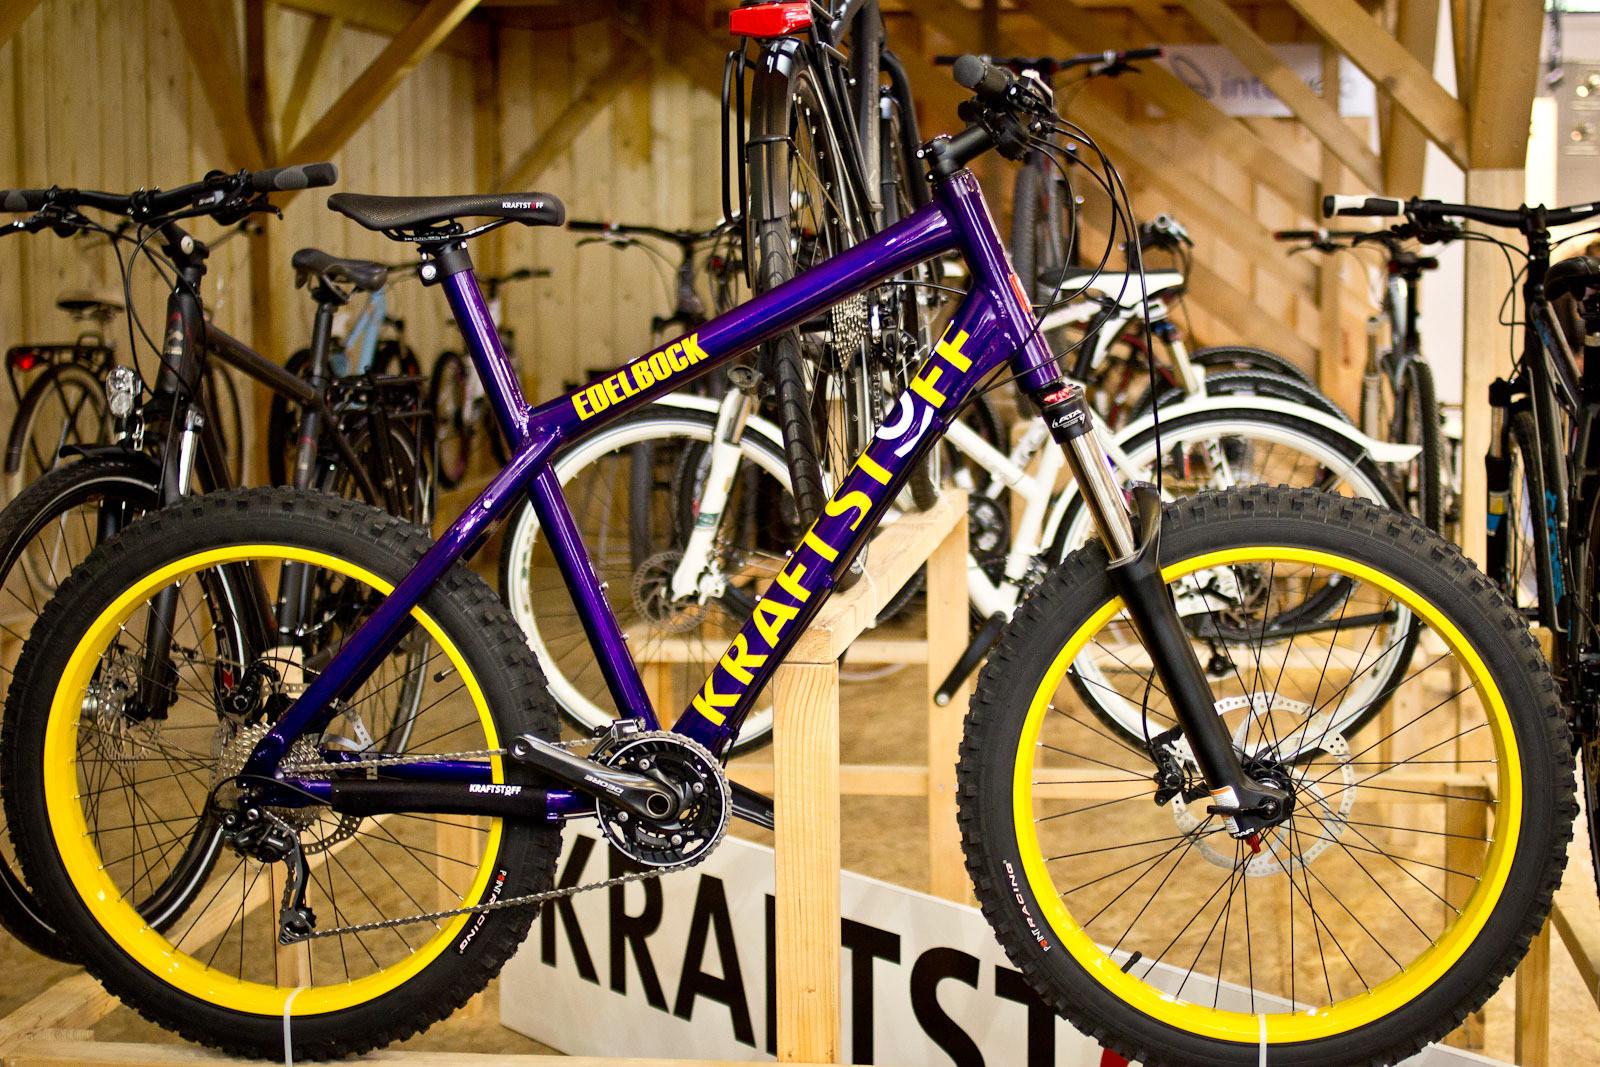 49 Fresh Trail, All-Mountain & Enduro Rides from Eurobike: This One is Shaq's Bike - 2014 Trail, All-Mountain & Enduro Bikes at Eurobike 2013 - Mountain Biking Pictures - Vital MTB